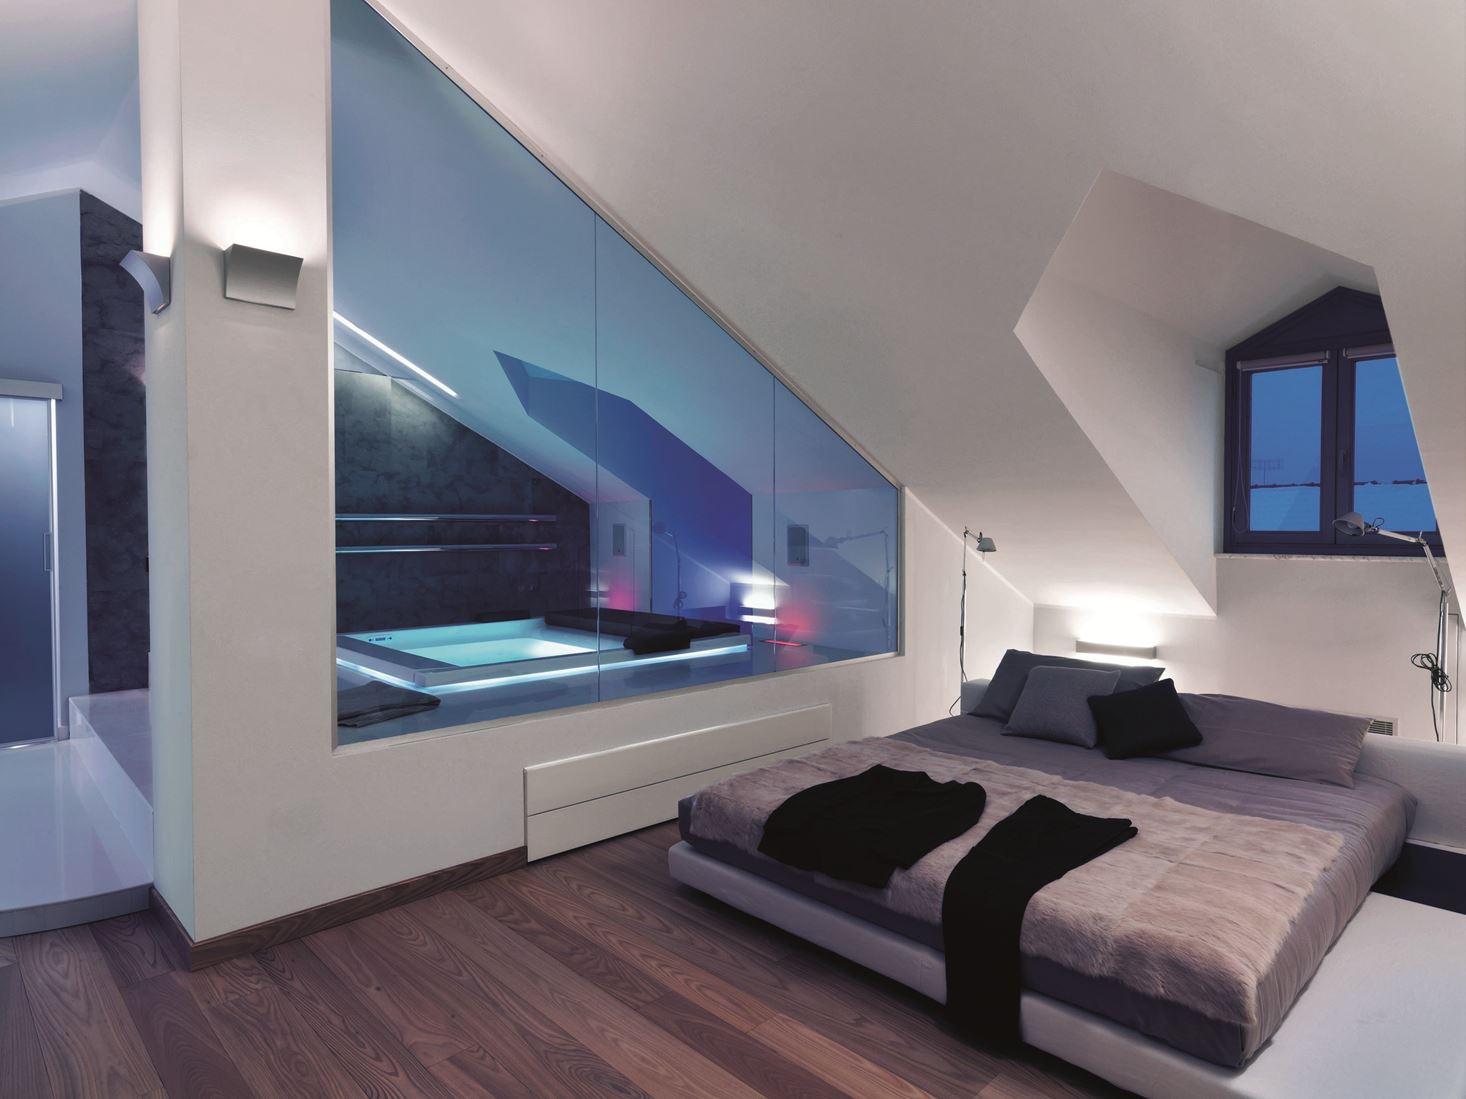 small attic renovation pictures - Un attico con finestre per tetti e ampie vetrate Mansarda